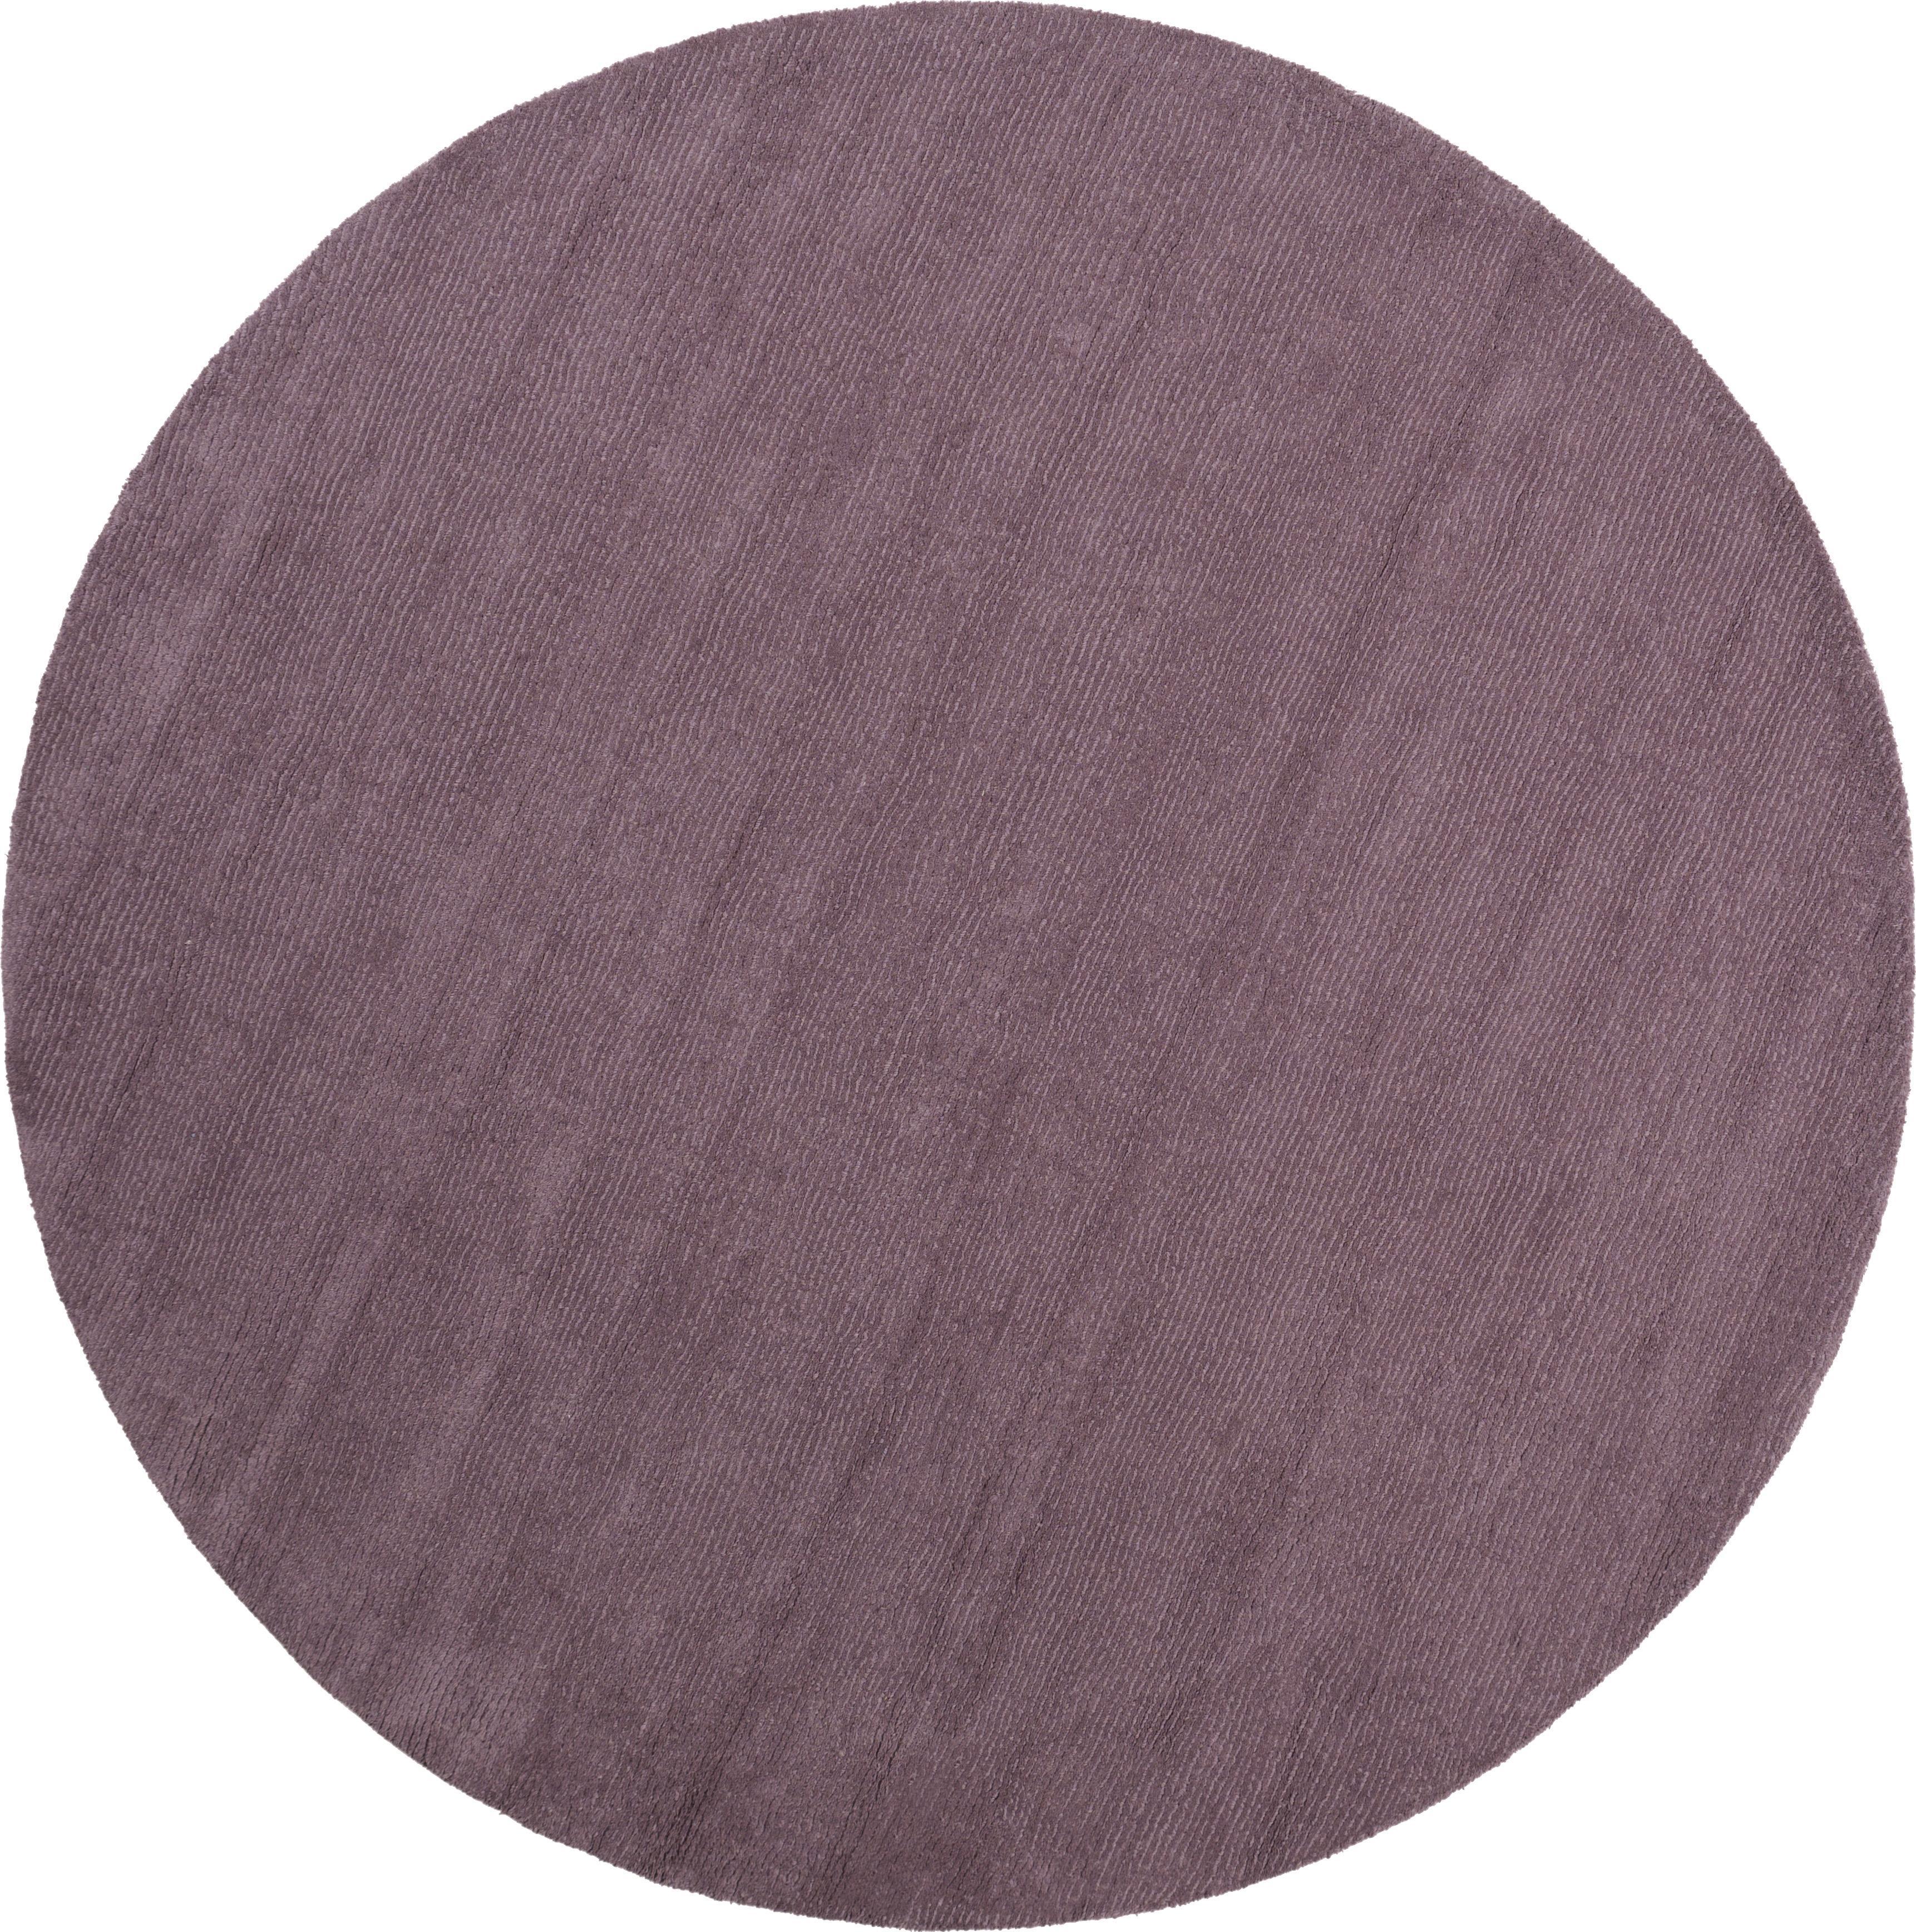 Surya Mystique 6' Round - Item Number: M5329-6RD